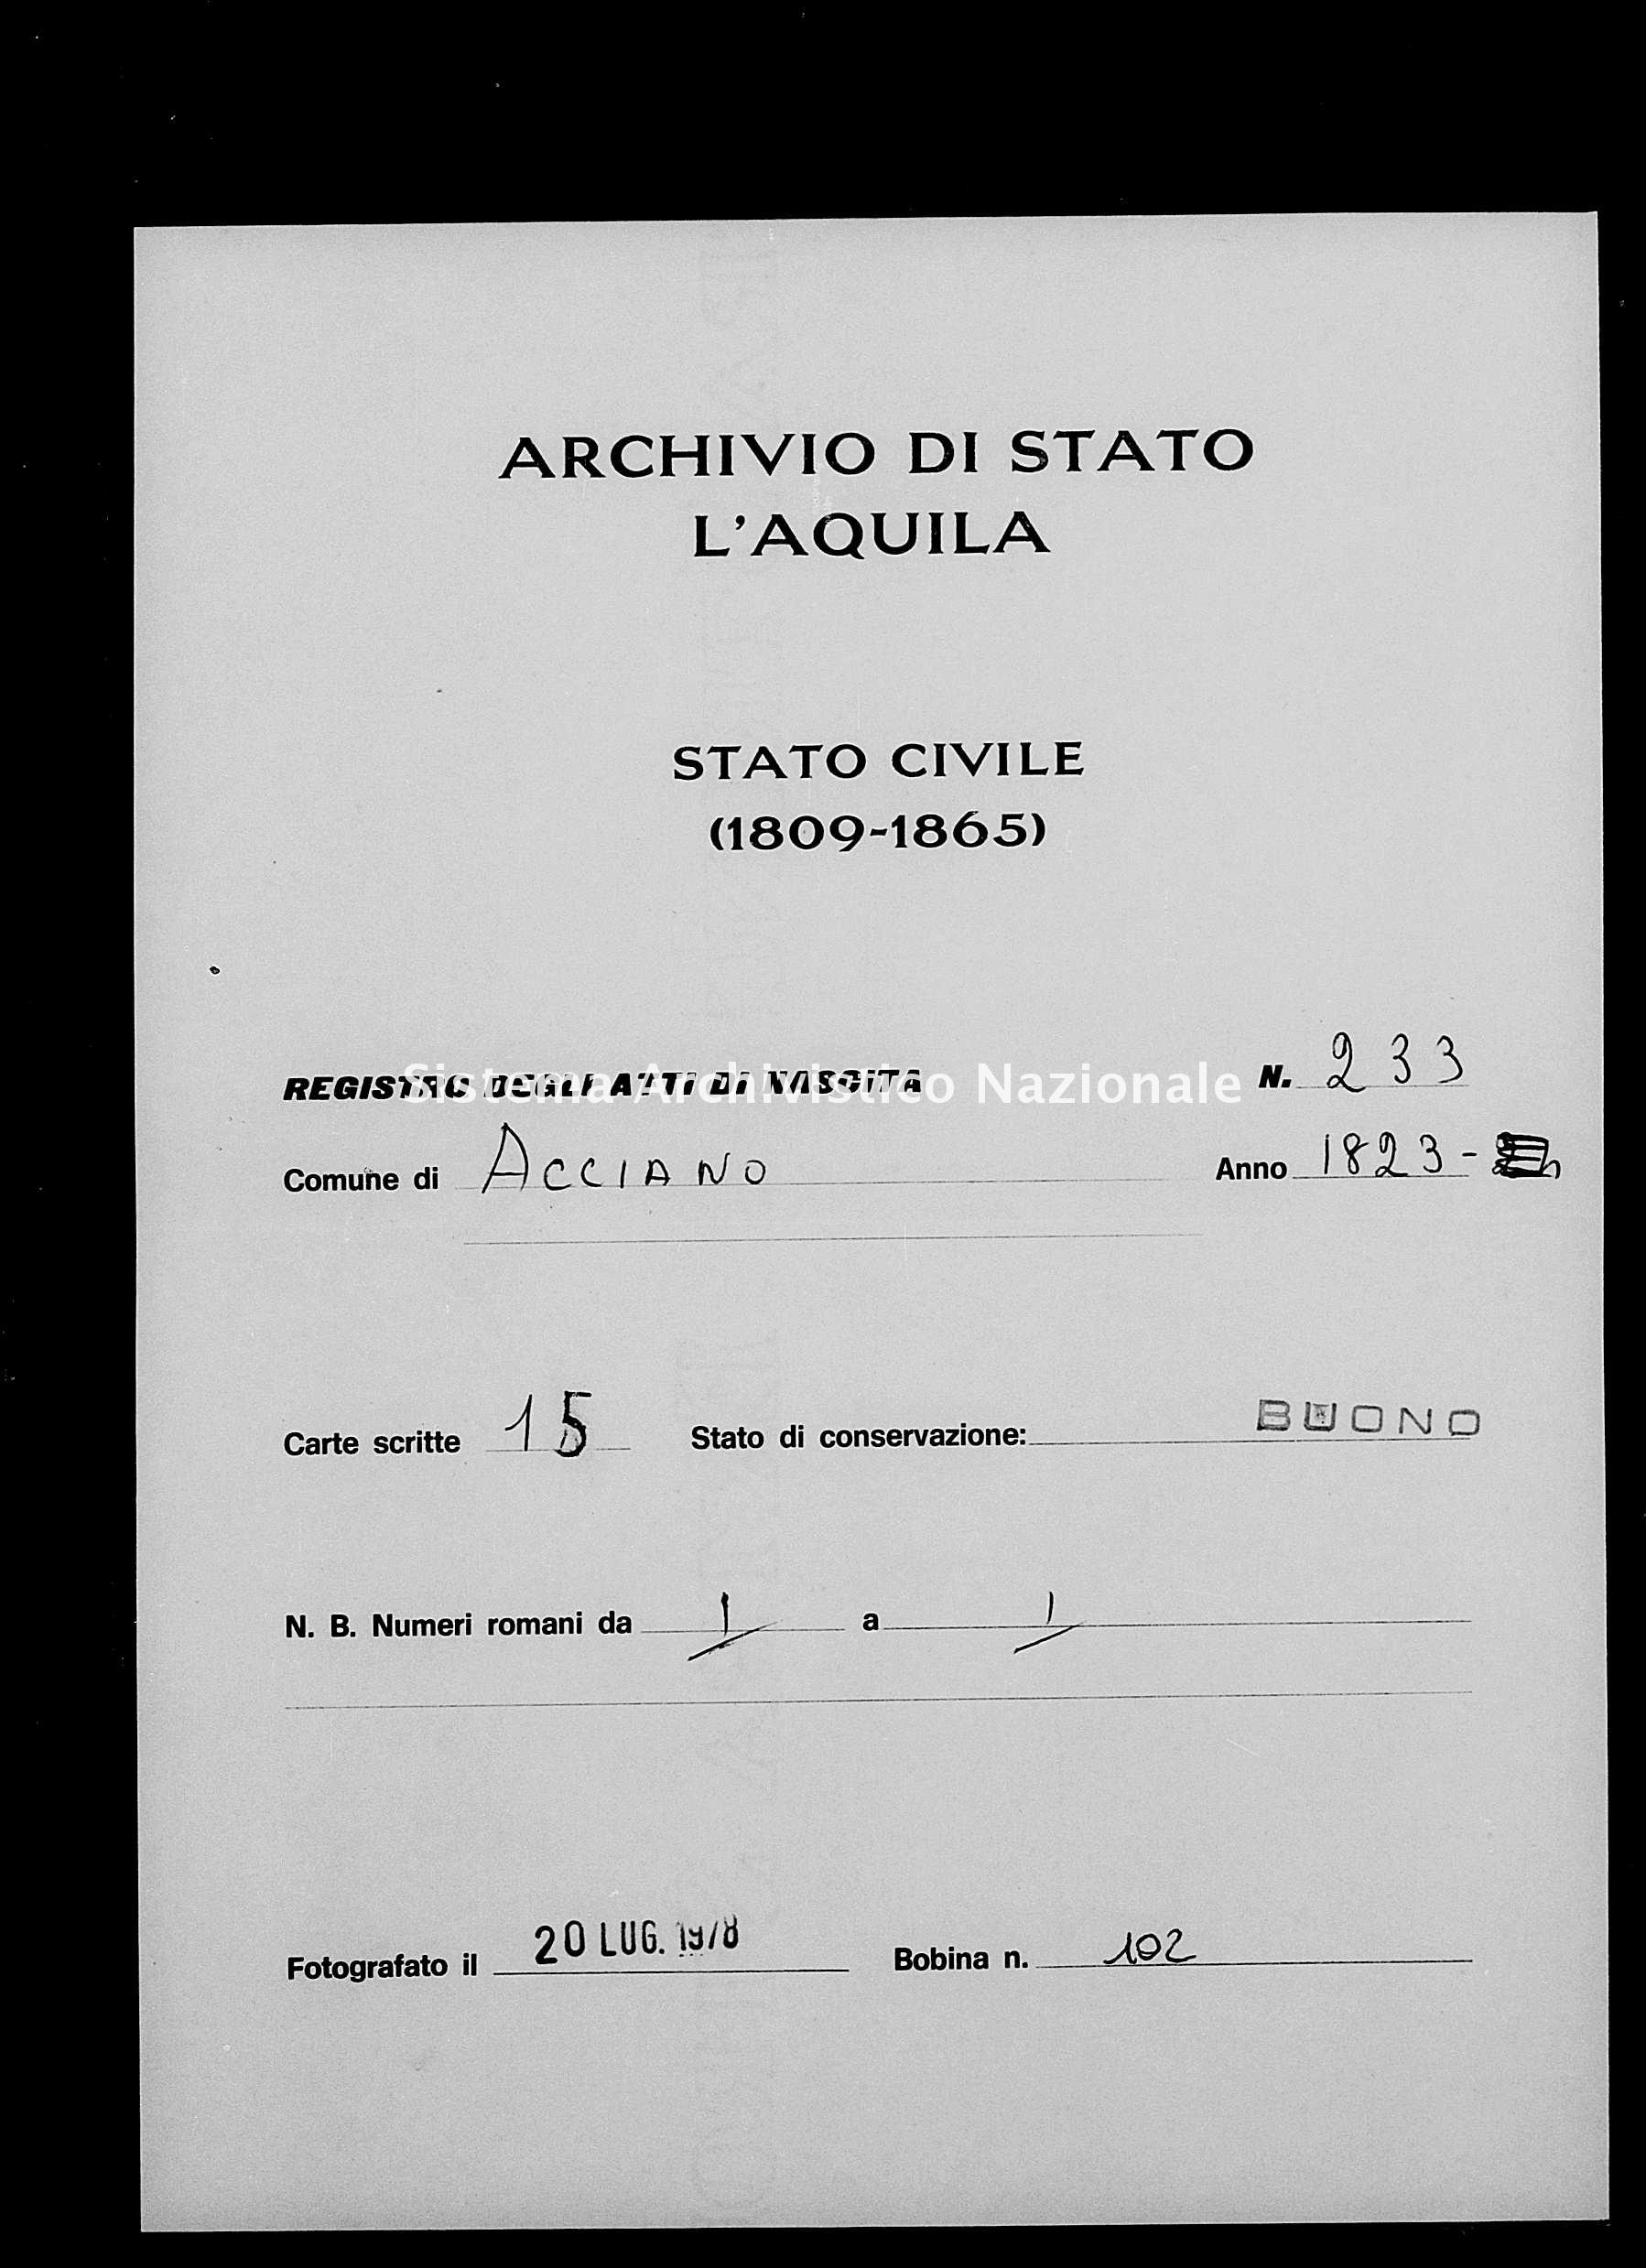 Archivio di stato di L'aquila - Stato civile della restaurazione - Acciano - Nati - 1823 - 233 -